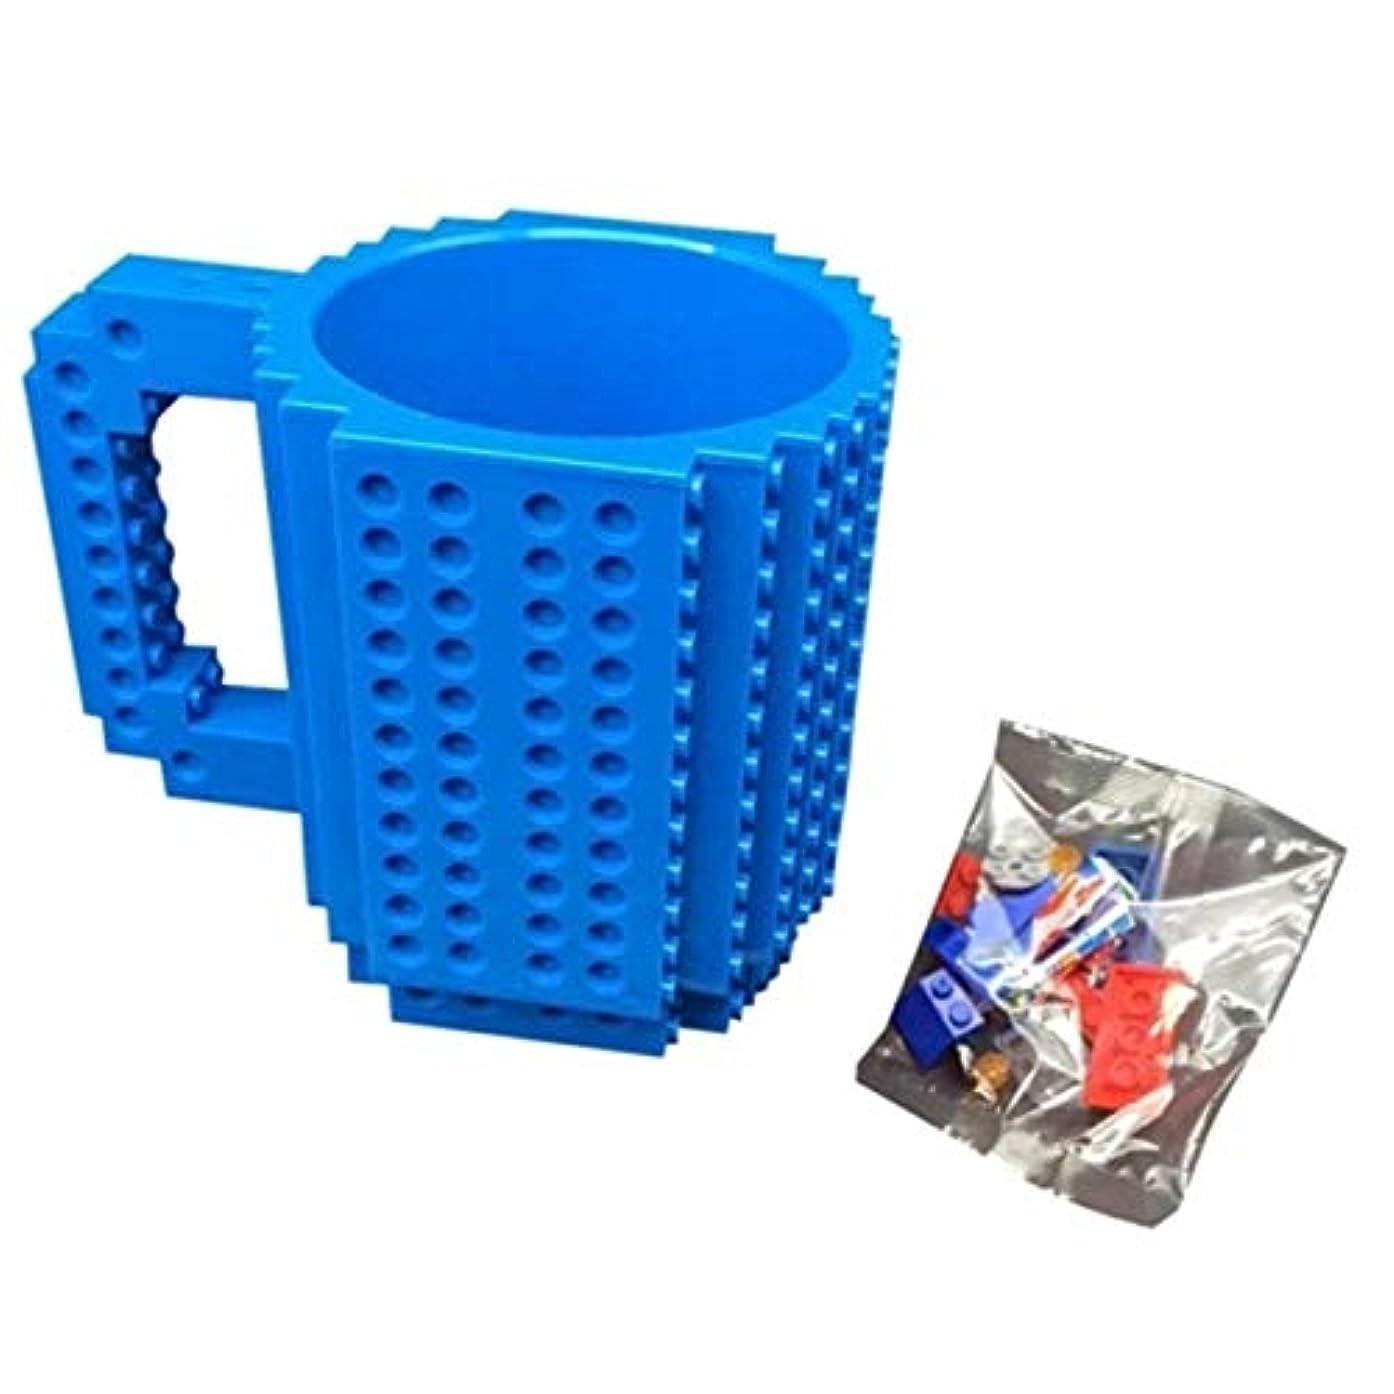 電気採用する晩ごはんTivollyff レンガマグカップDIYのビルディングブロックを構築するコーヒーカップ 青